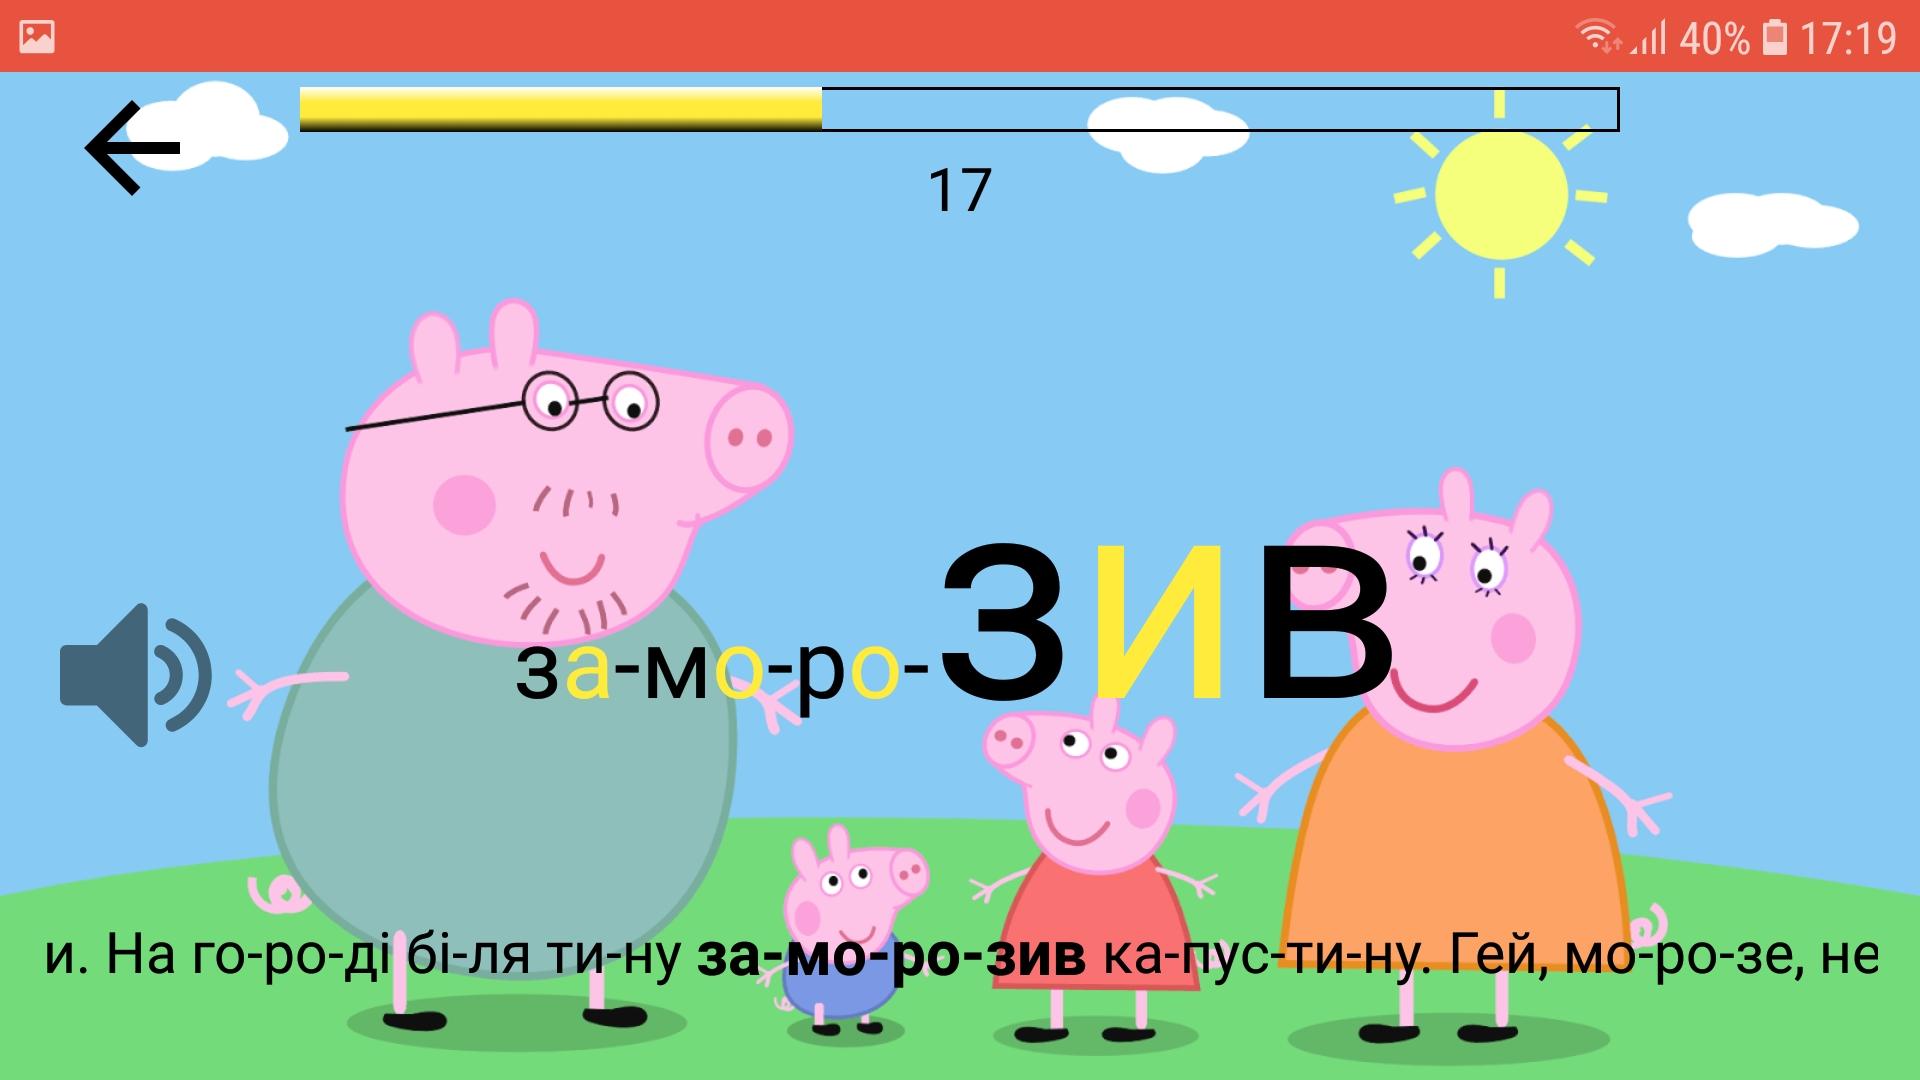 Представляємо фонові картинки на будь який смак у версії Читайлик 1.6